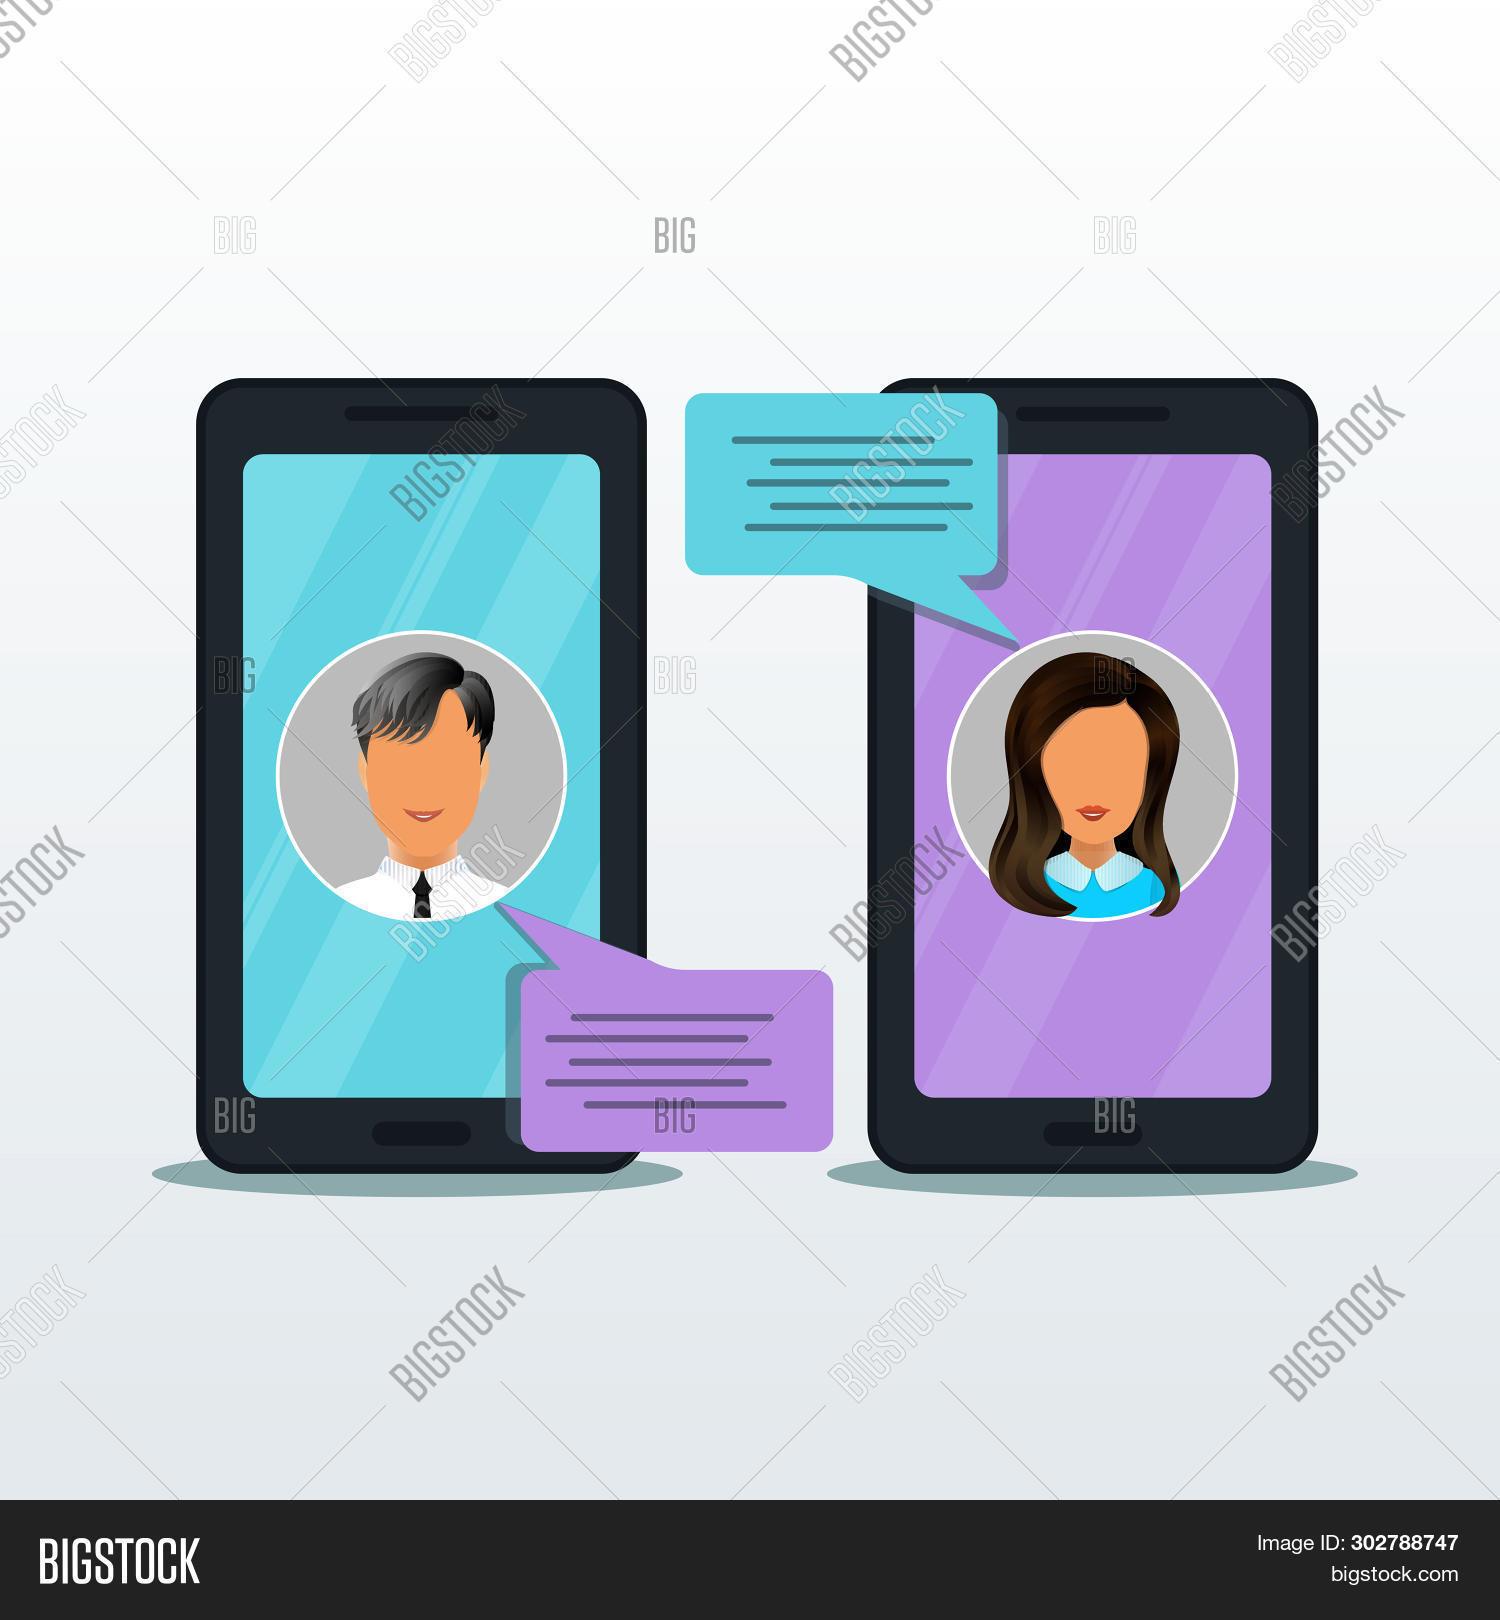 chatta dating mobil Dating en kristen man vad man kan förvänta sig